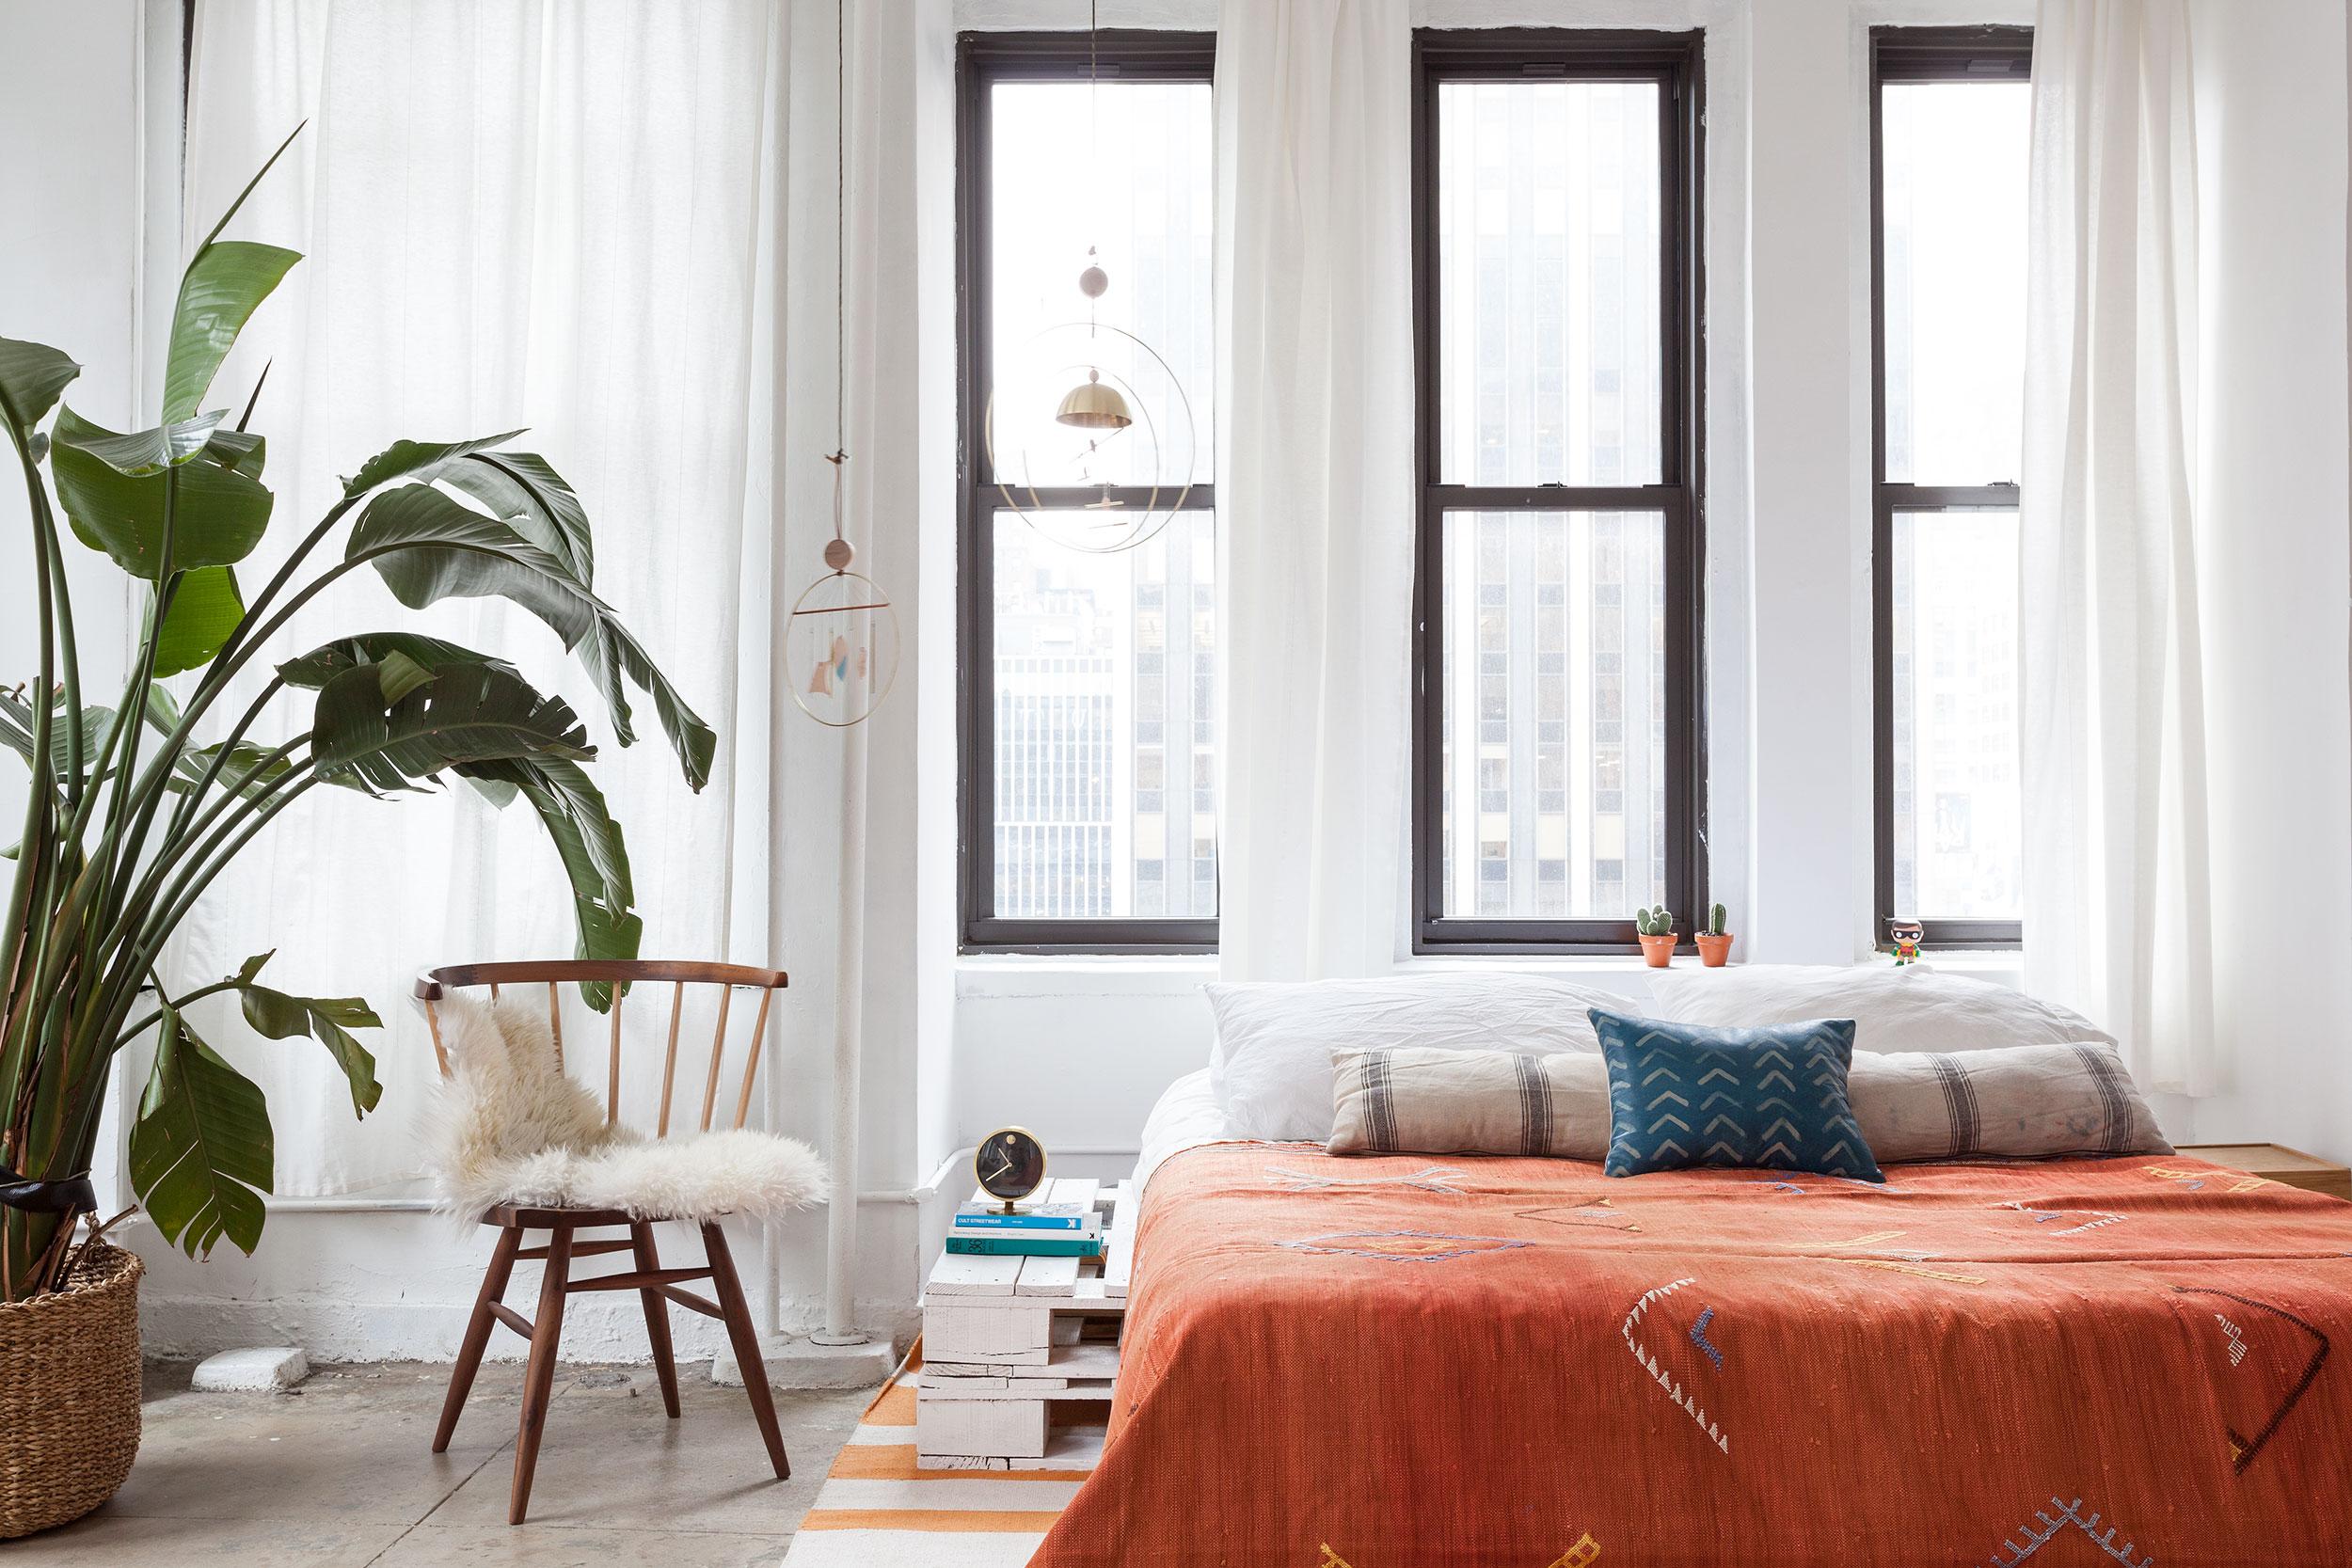 翻轉設計選物店形式:紐約公寓裡的設計選物店 Witness Apartment